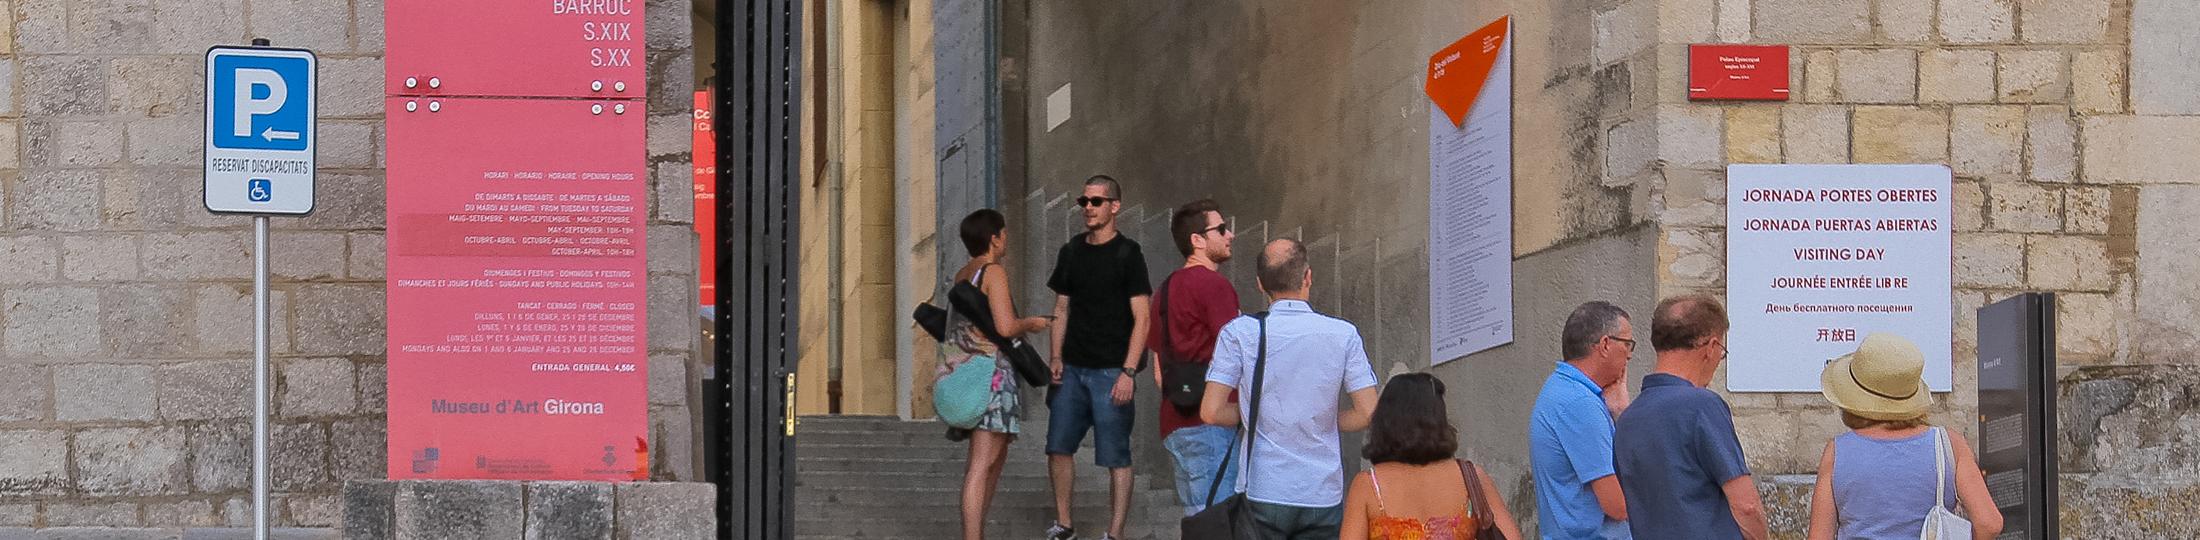 Visitants a l\'entrada del Museu